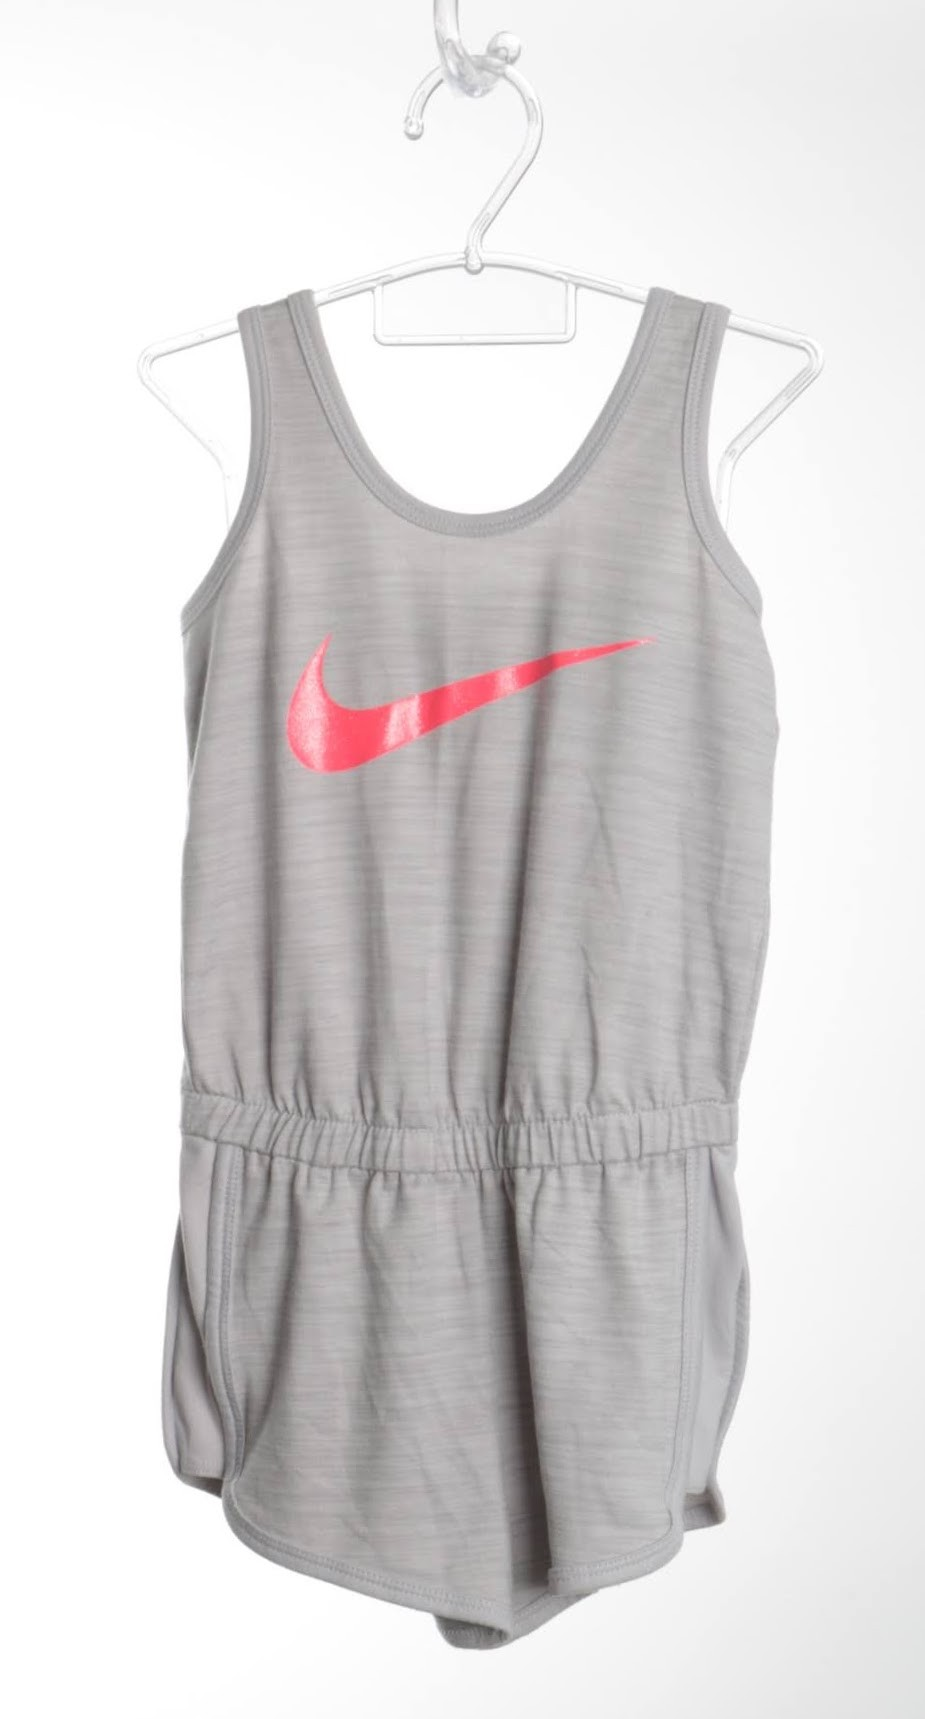 Macacão - Nike - 04 Anos